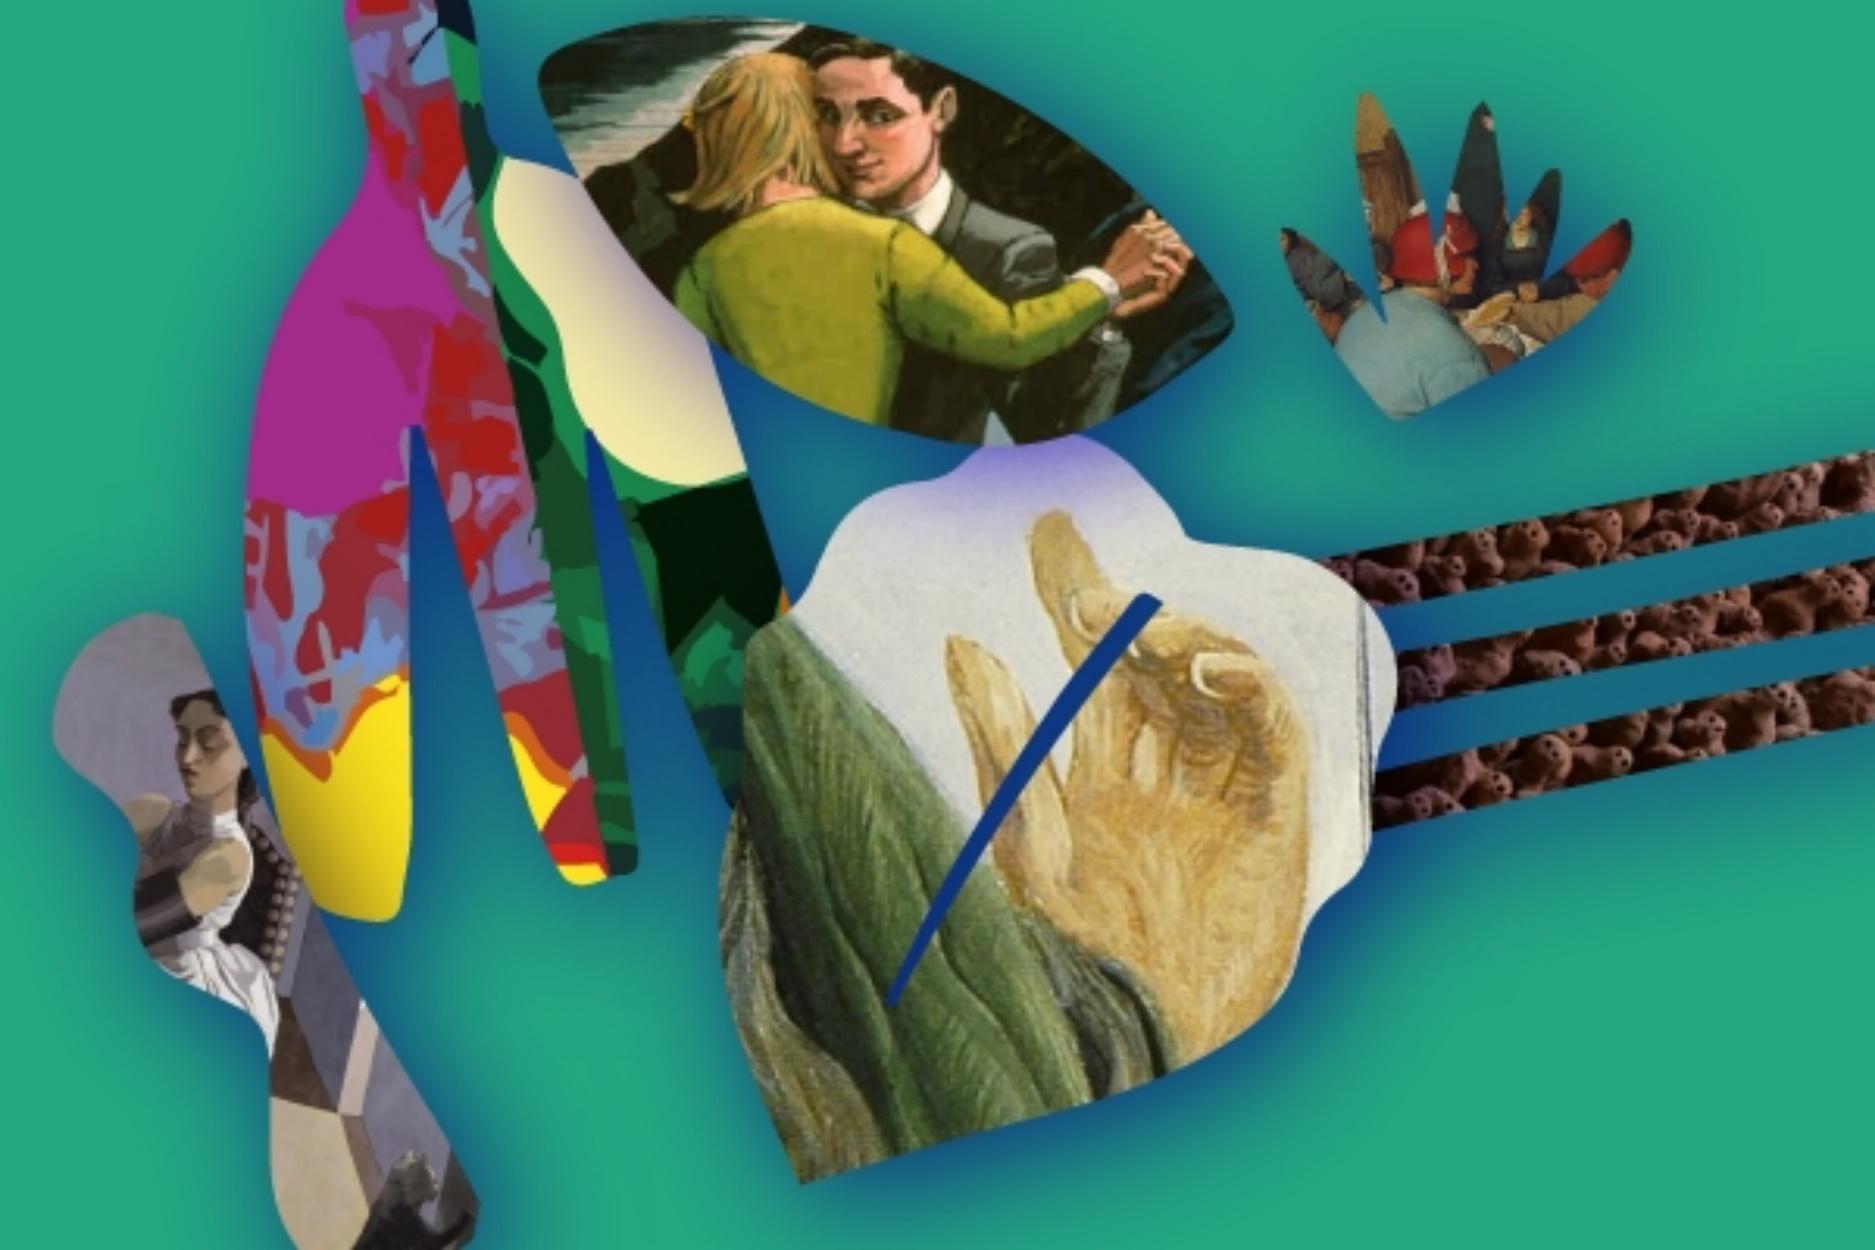 Ψηφιακά εικαστικά εργαστήρια με θέμα την τέχνη, το εργοστάσιο και τους ανθρώπους για παιδιά 3 – 10 ετών